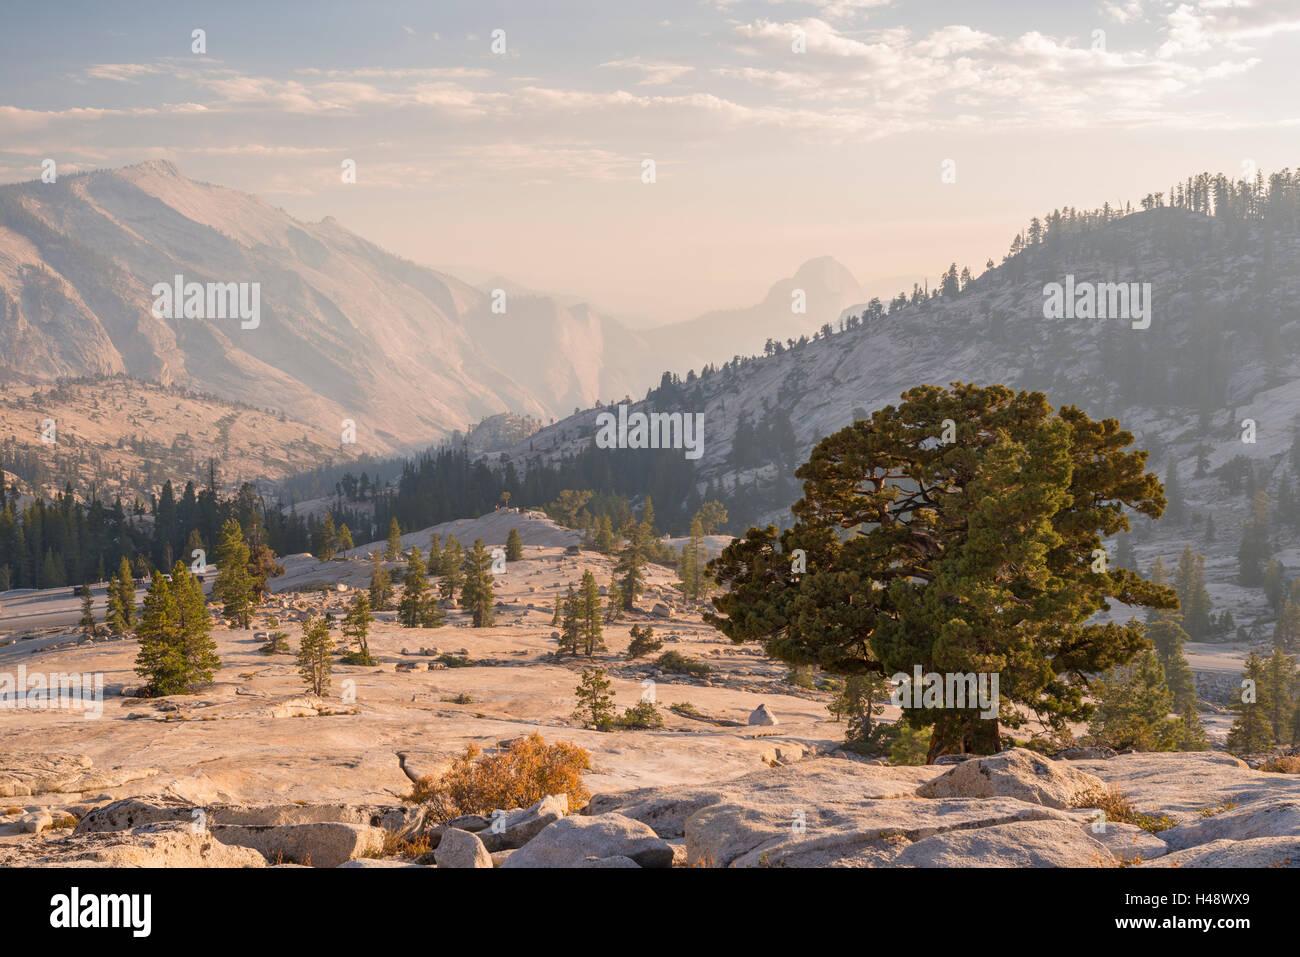 Mezza Cupola e nuvole resto montagne da Olmsted Point, Yosemite National Park, California, Stati Uniti d'America. Immagini Stock